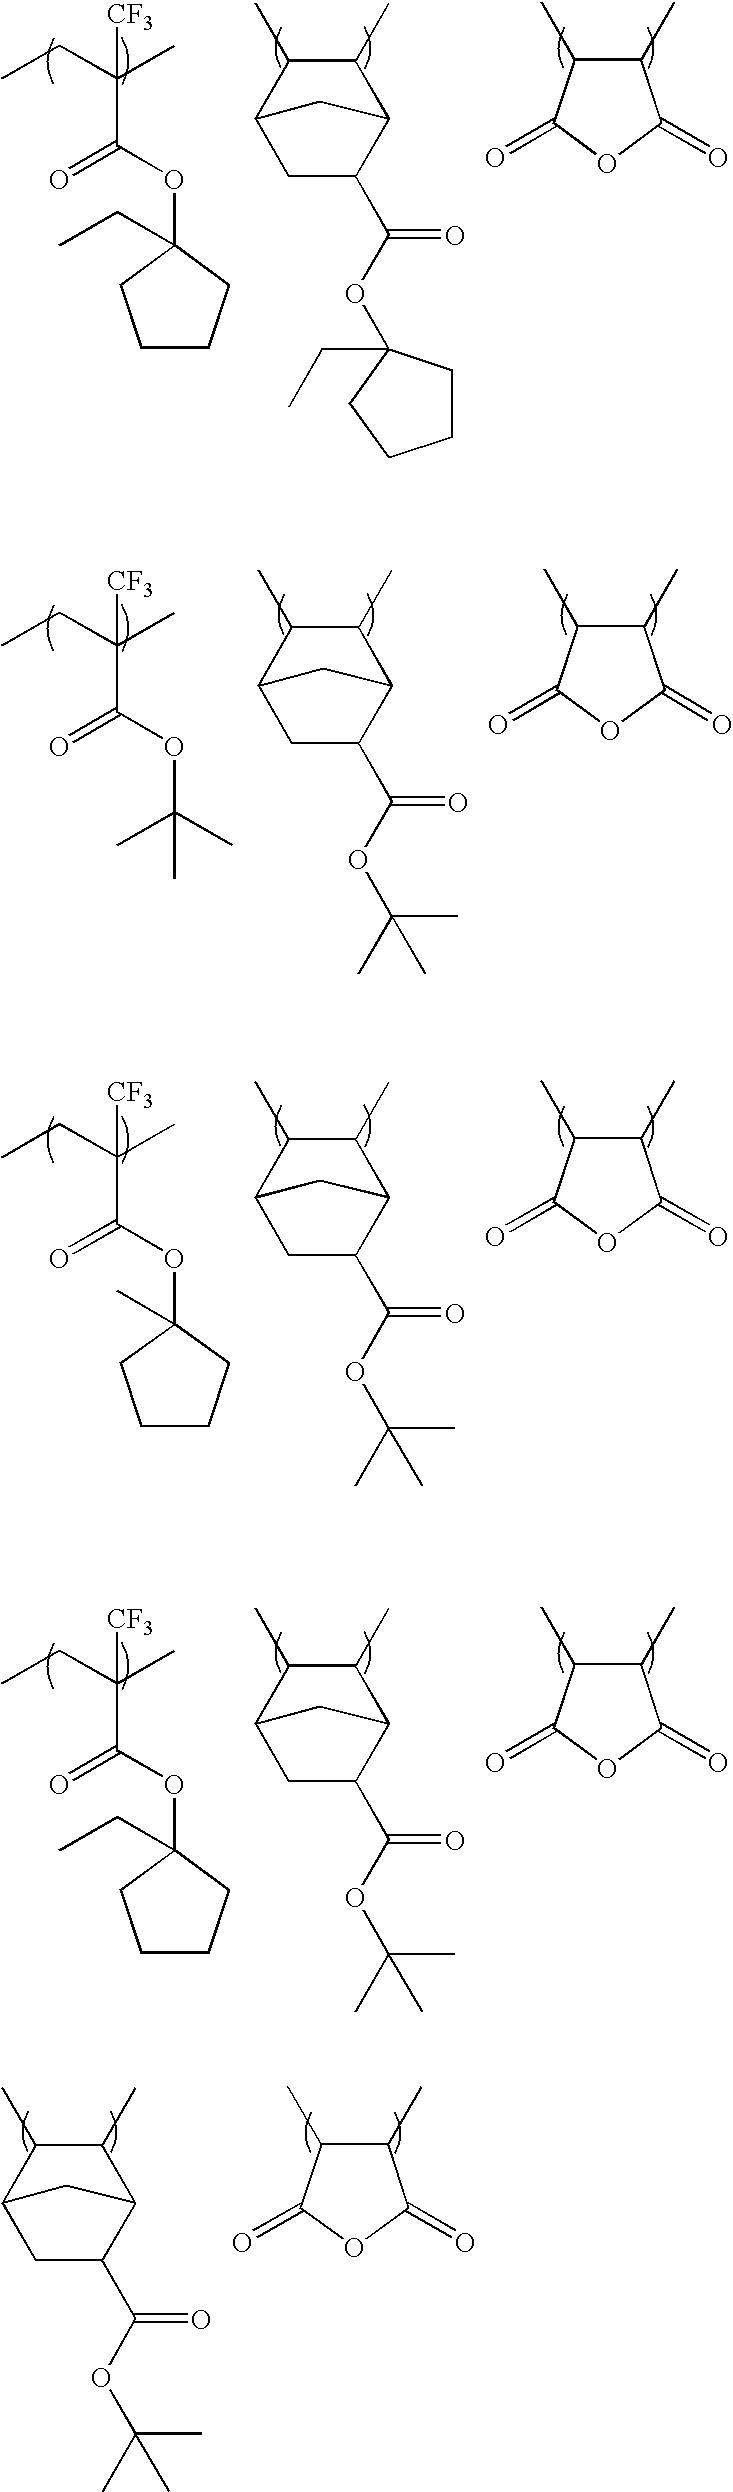 Figure US20090280434A1-20091112-C00059